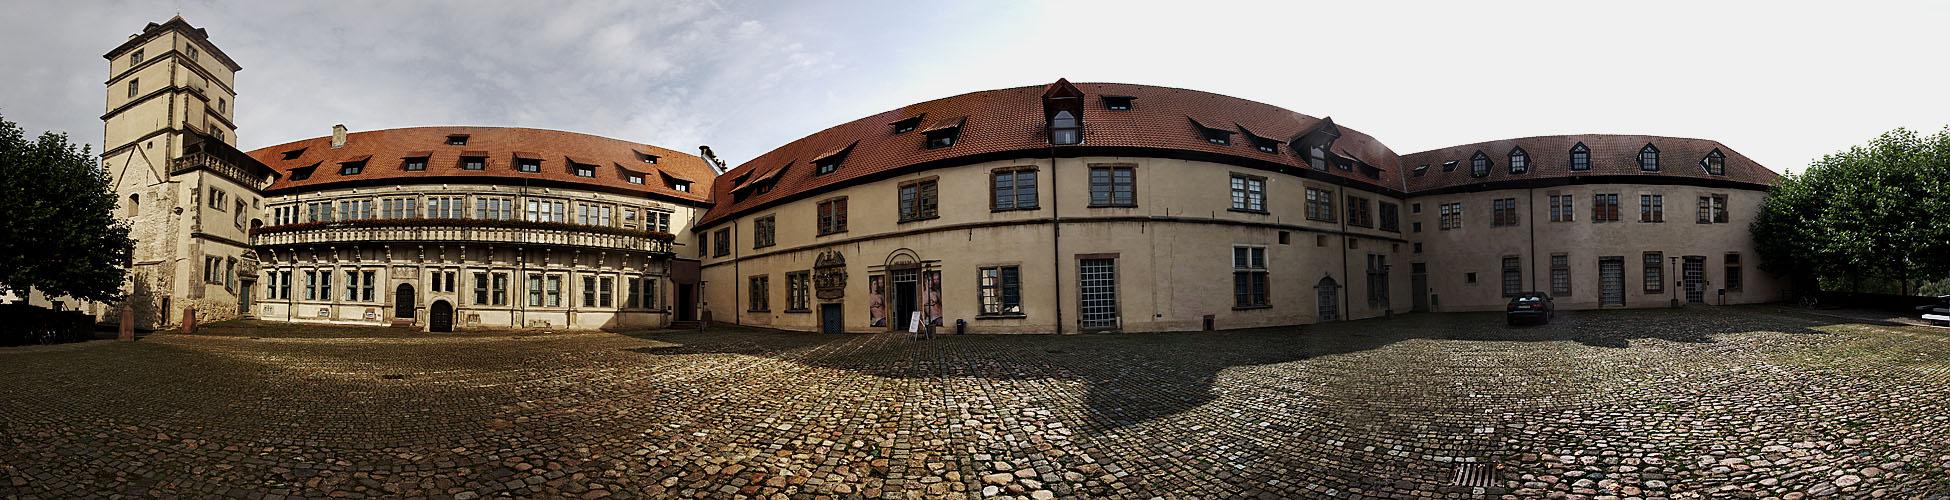 Schloss Brake - Panorama